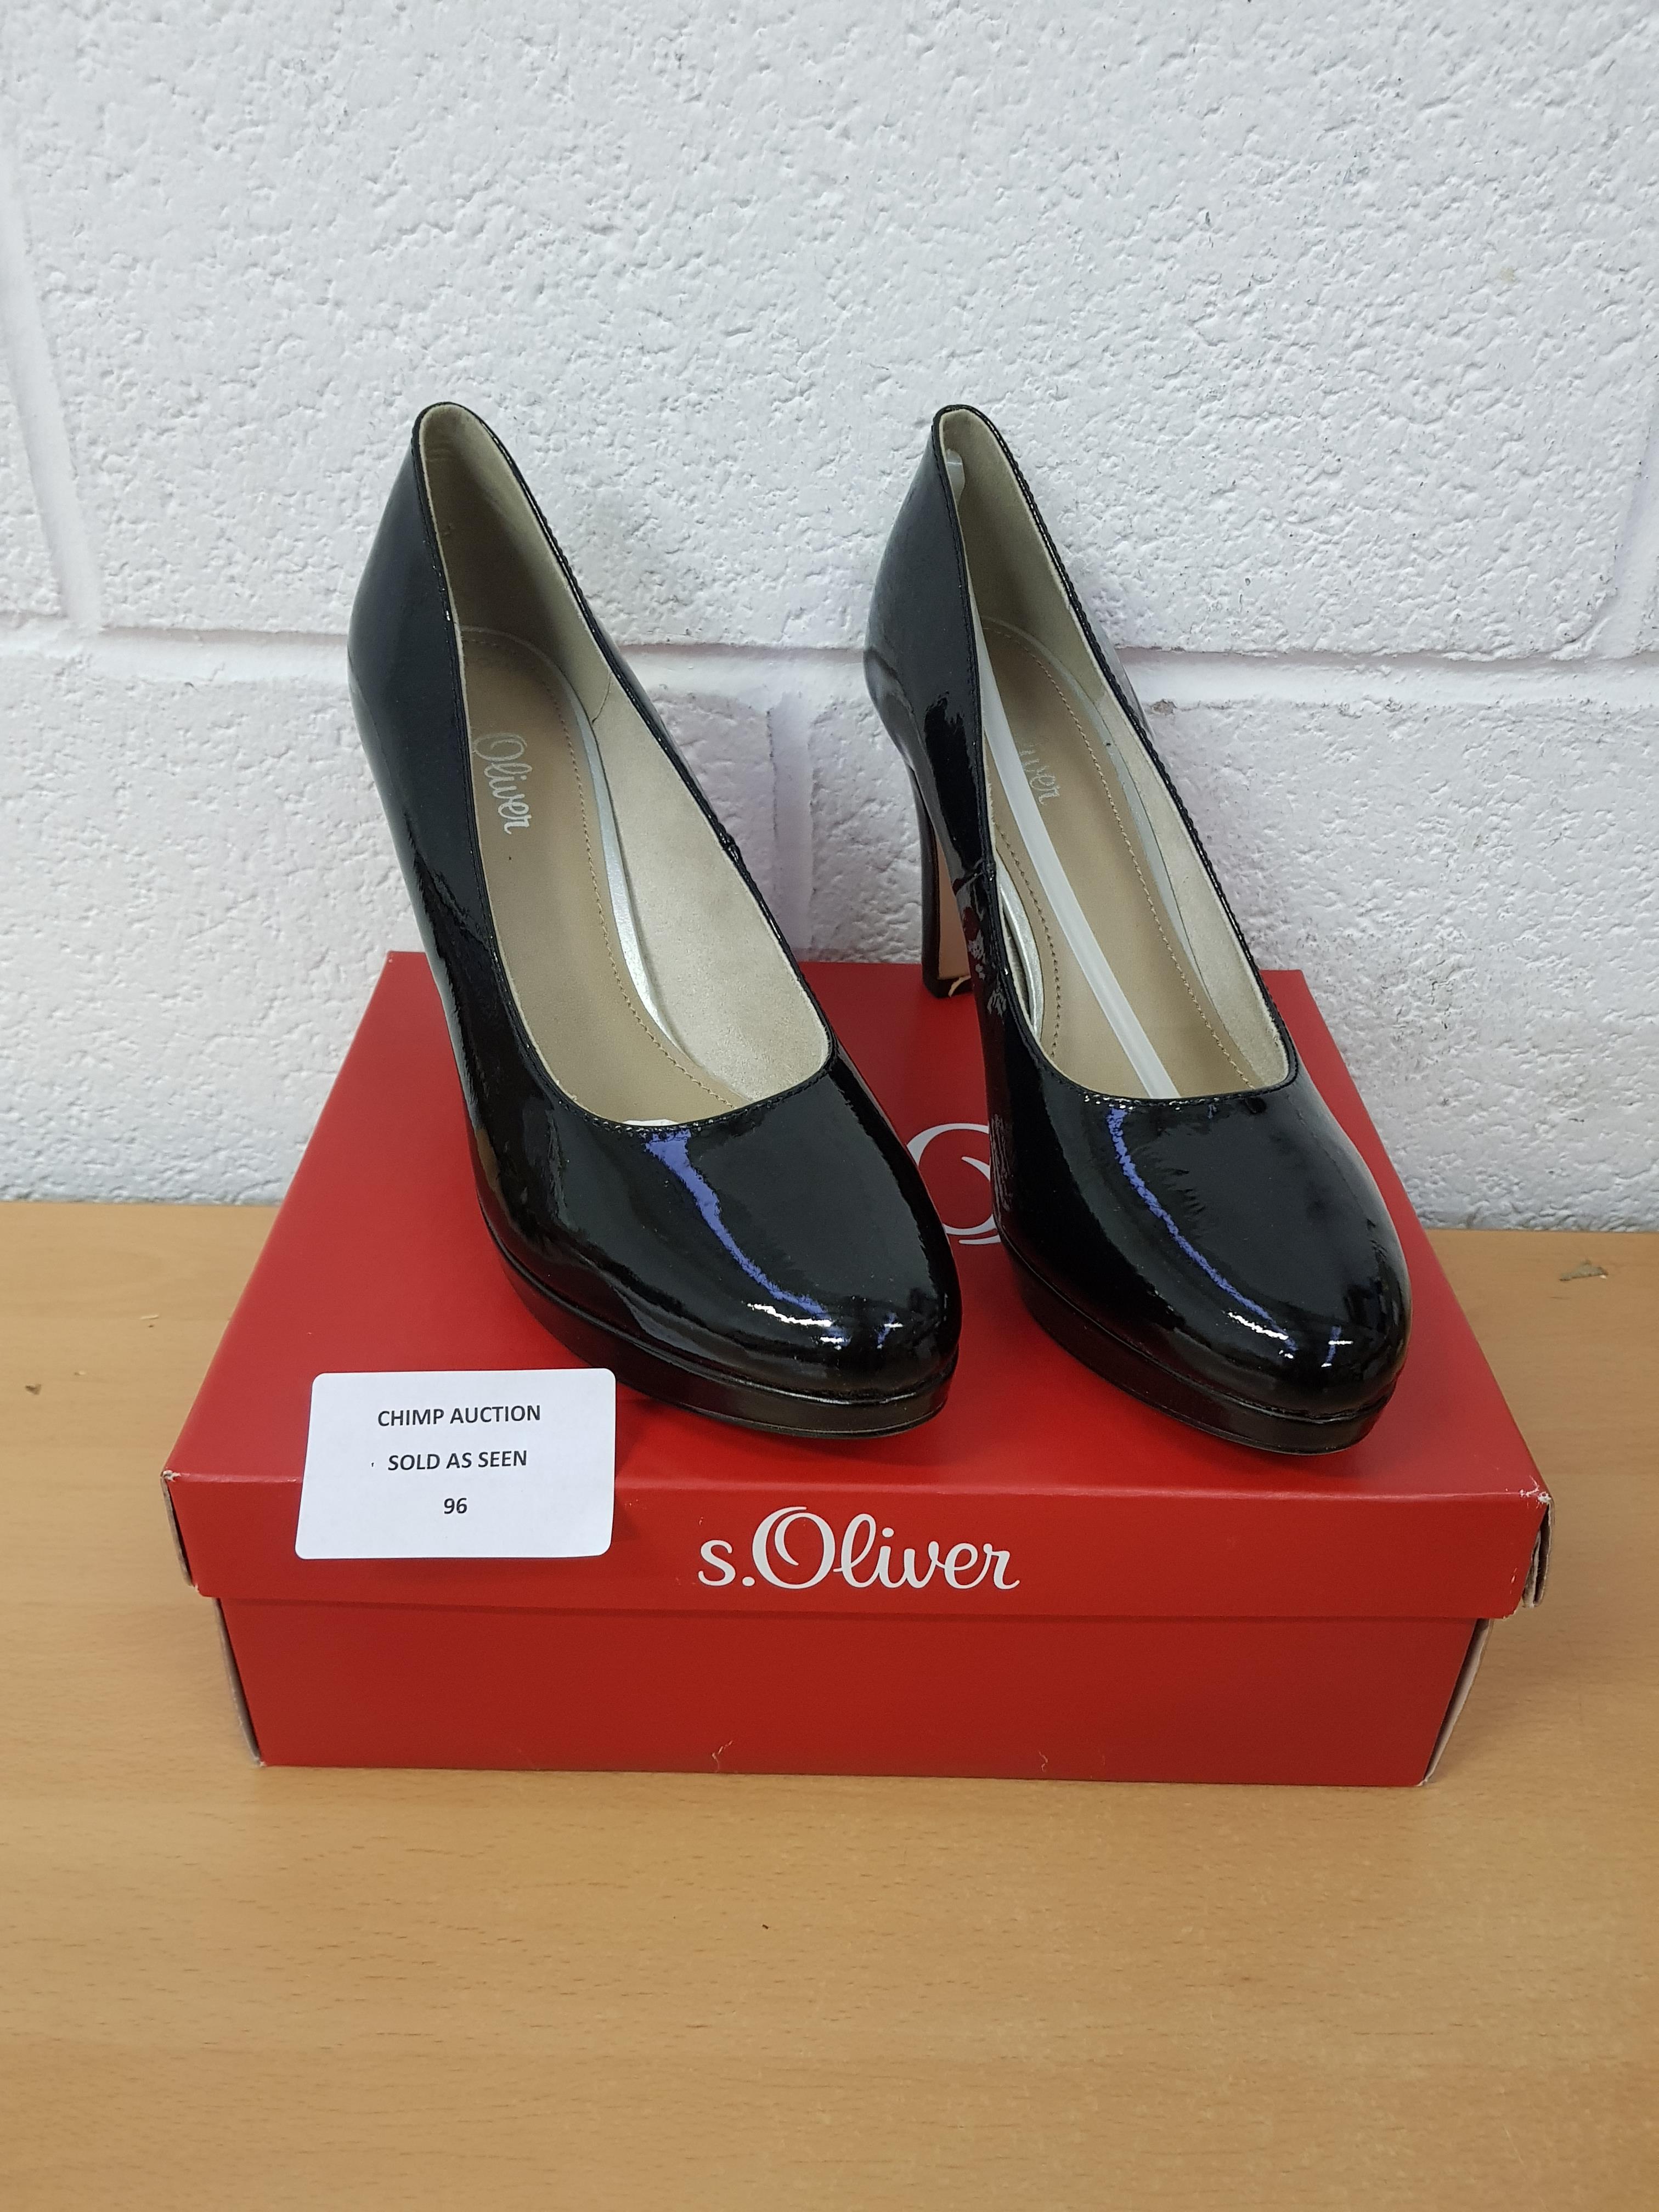 Lot 96 - S.Oliver ladies shoes EU 41